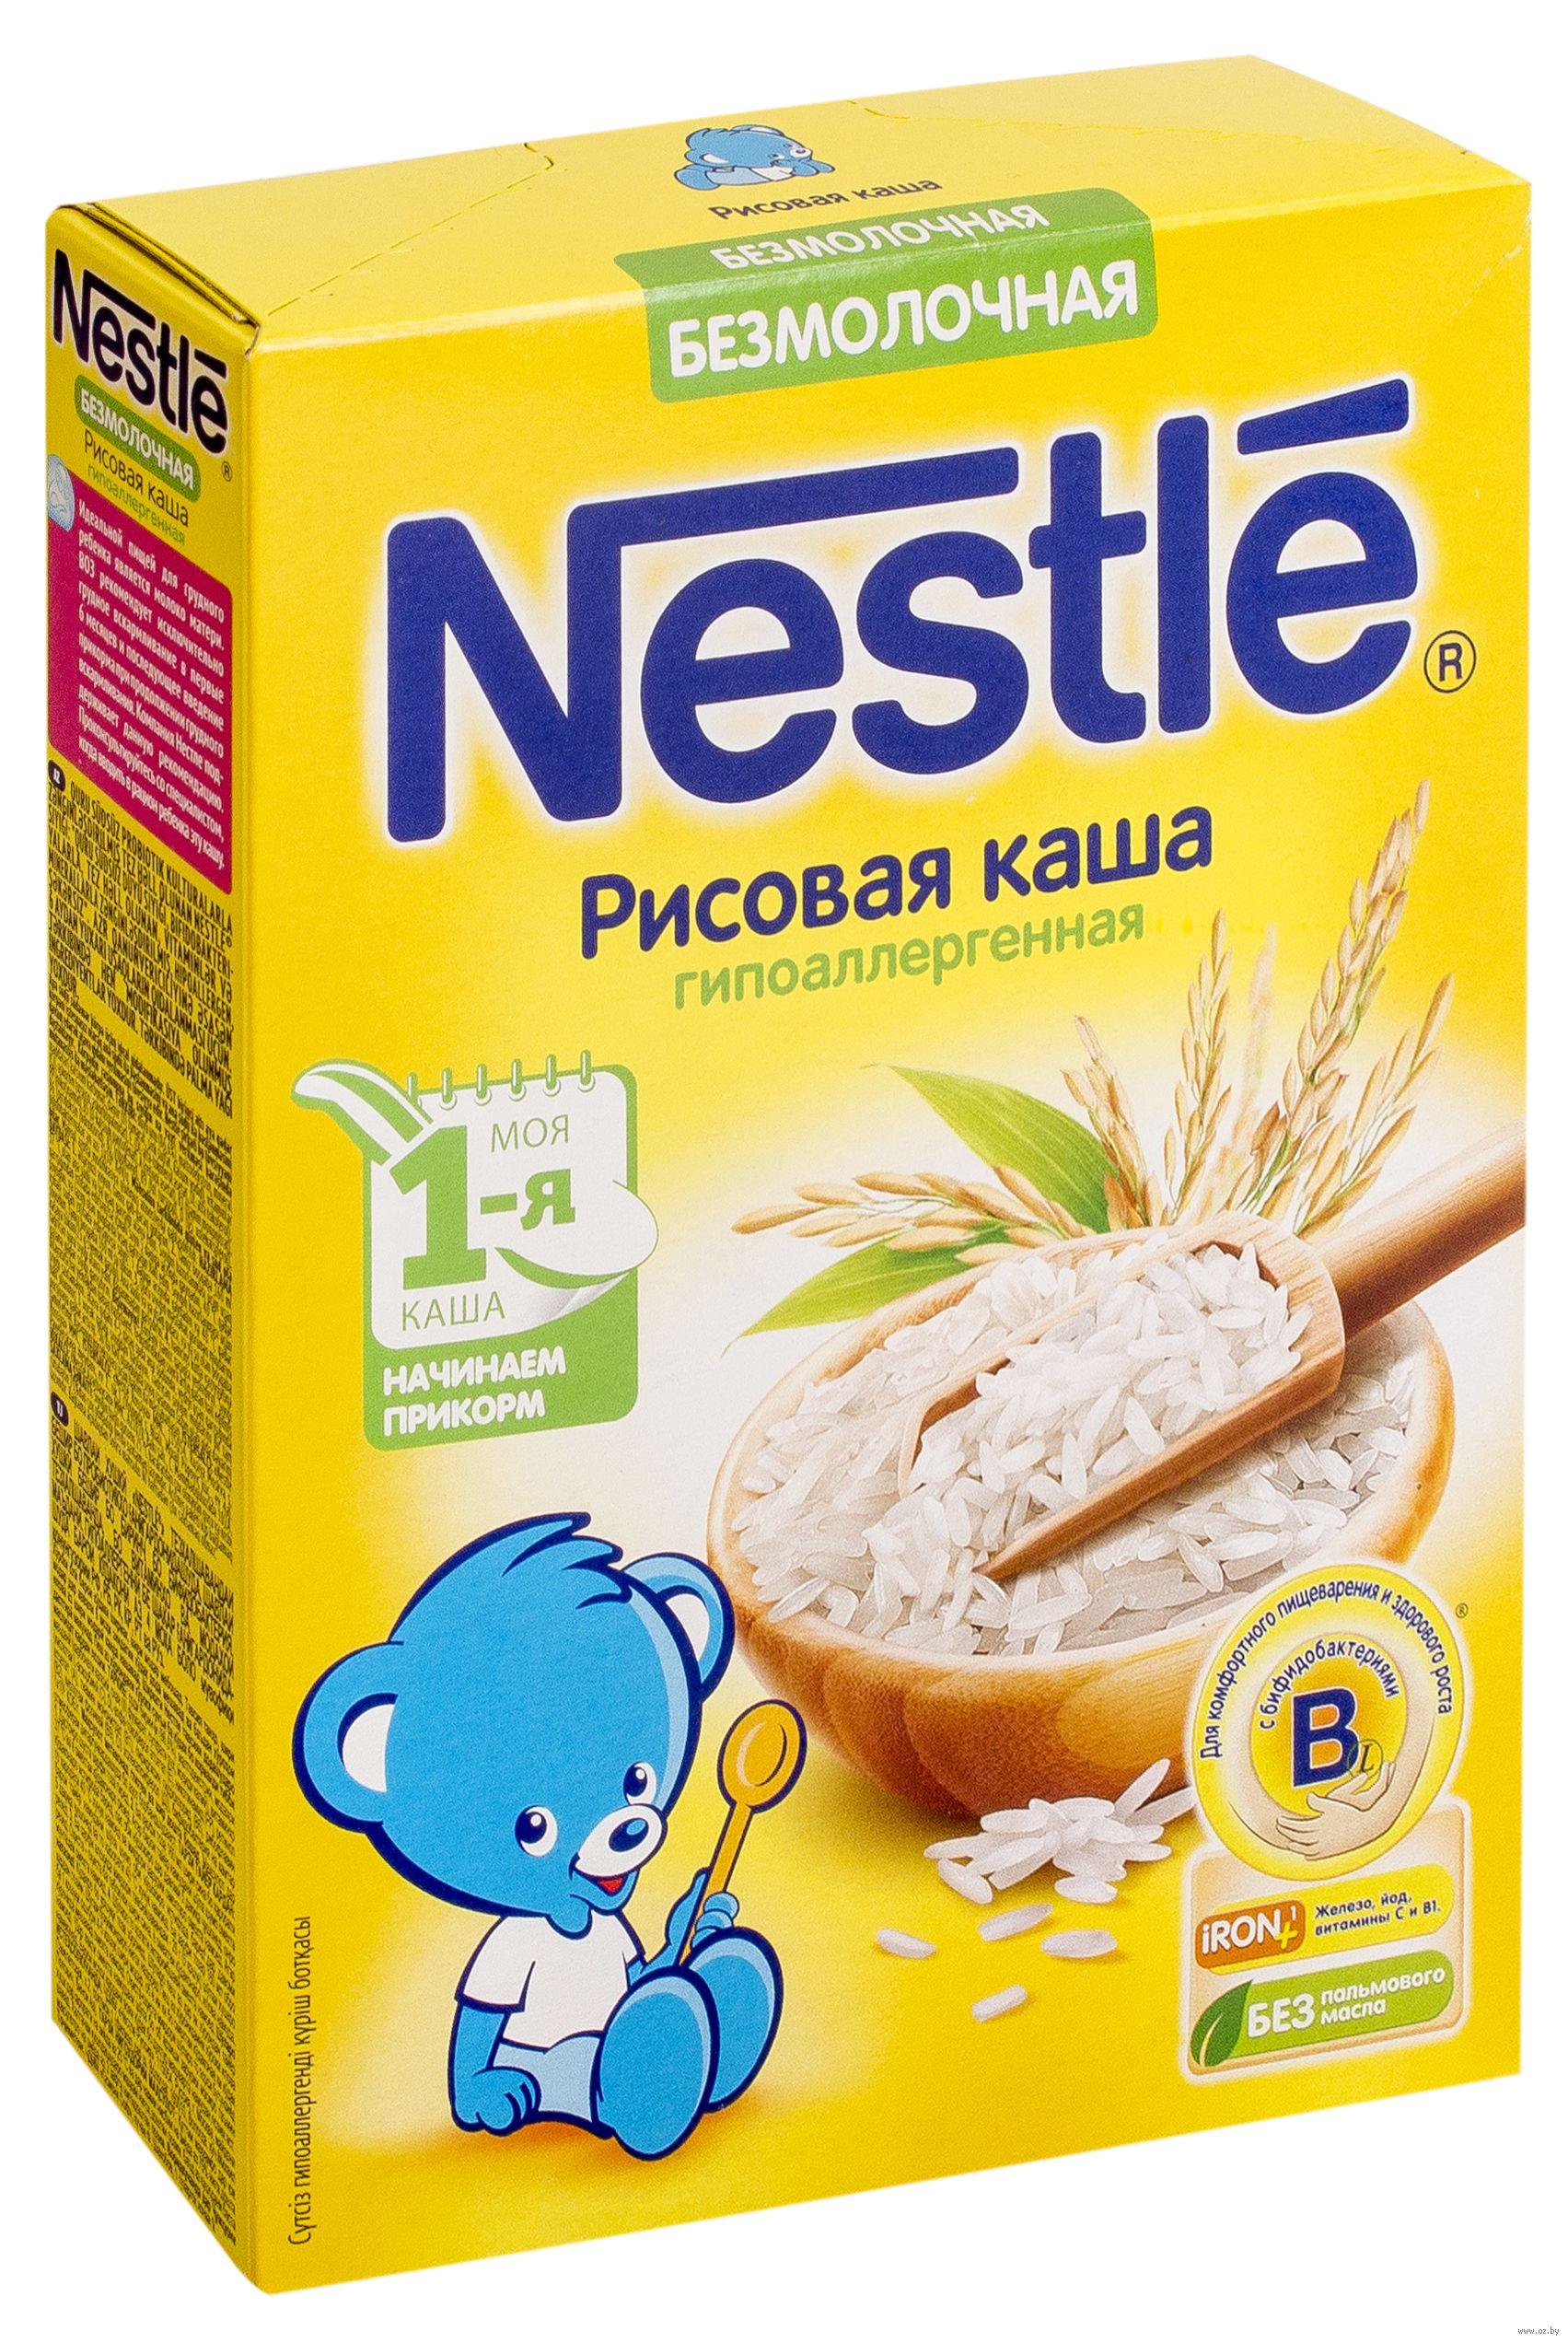 685d3bc2f2b5a9 Детская каша Нестле «Рисовая»: купить в интернет-магазине с доставкой по  Беларуси — OZ.by